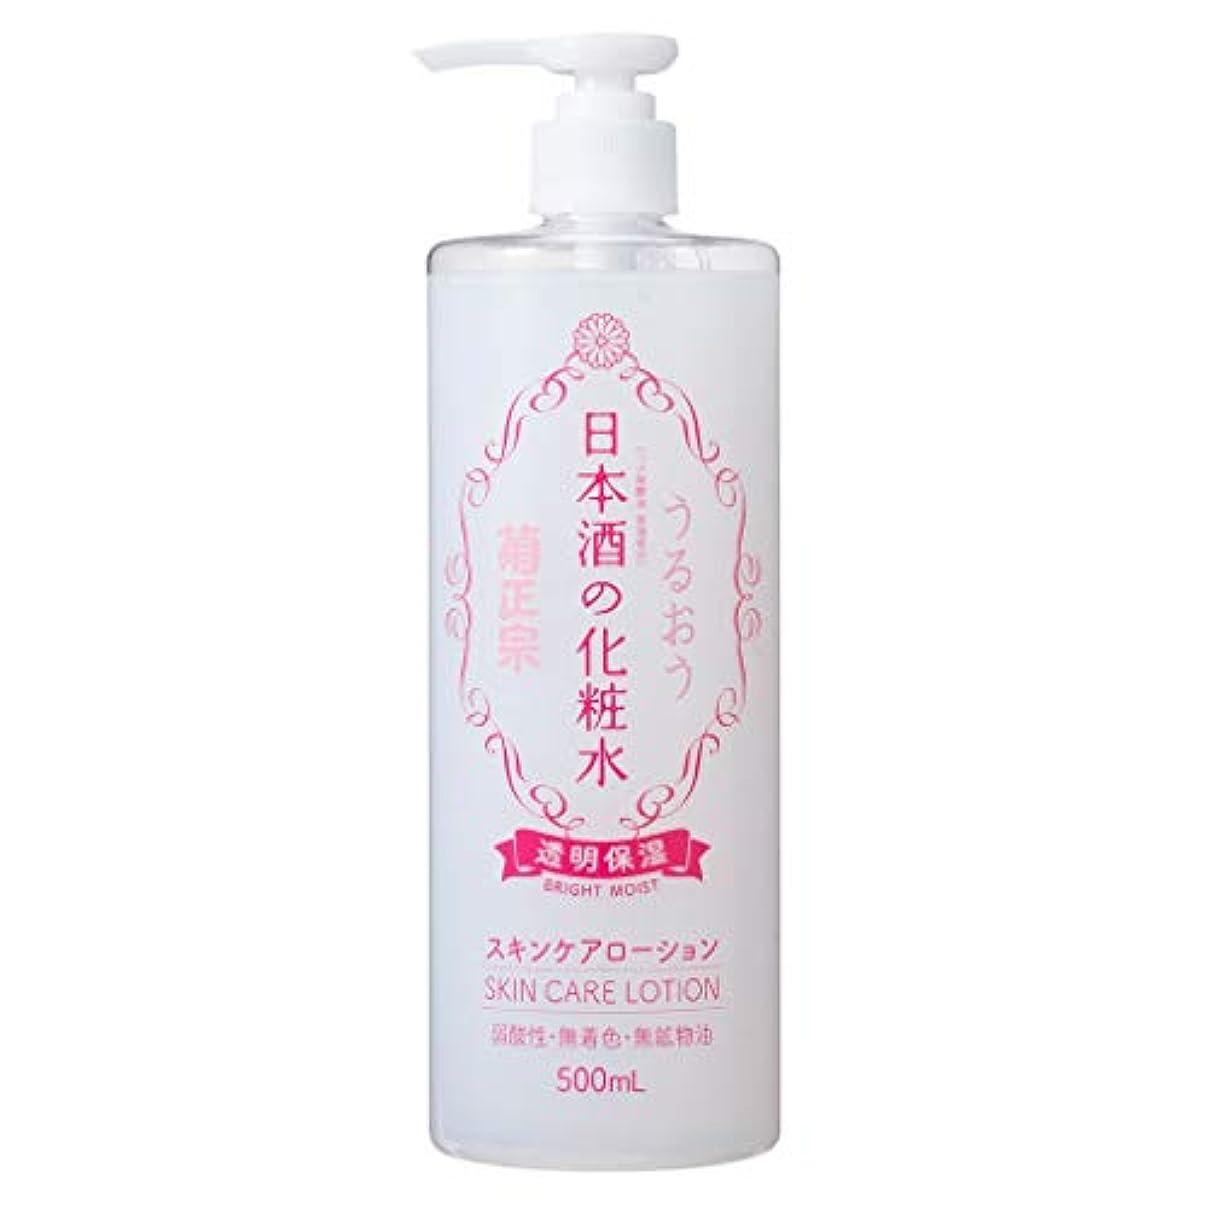 交差点散らす日の出菊正宗 日本酒の化粧水 透明保湿 500ml ビタミン